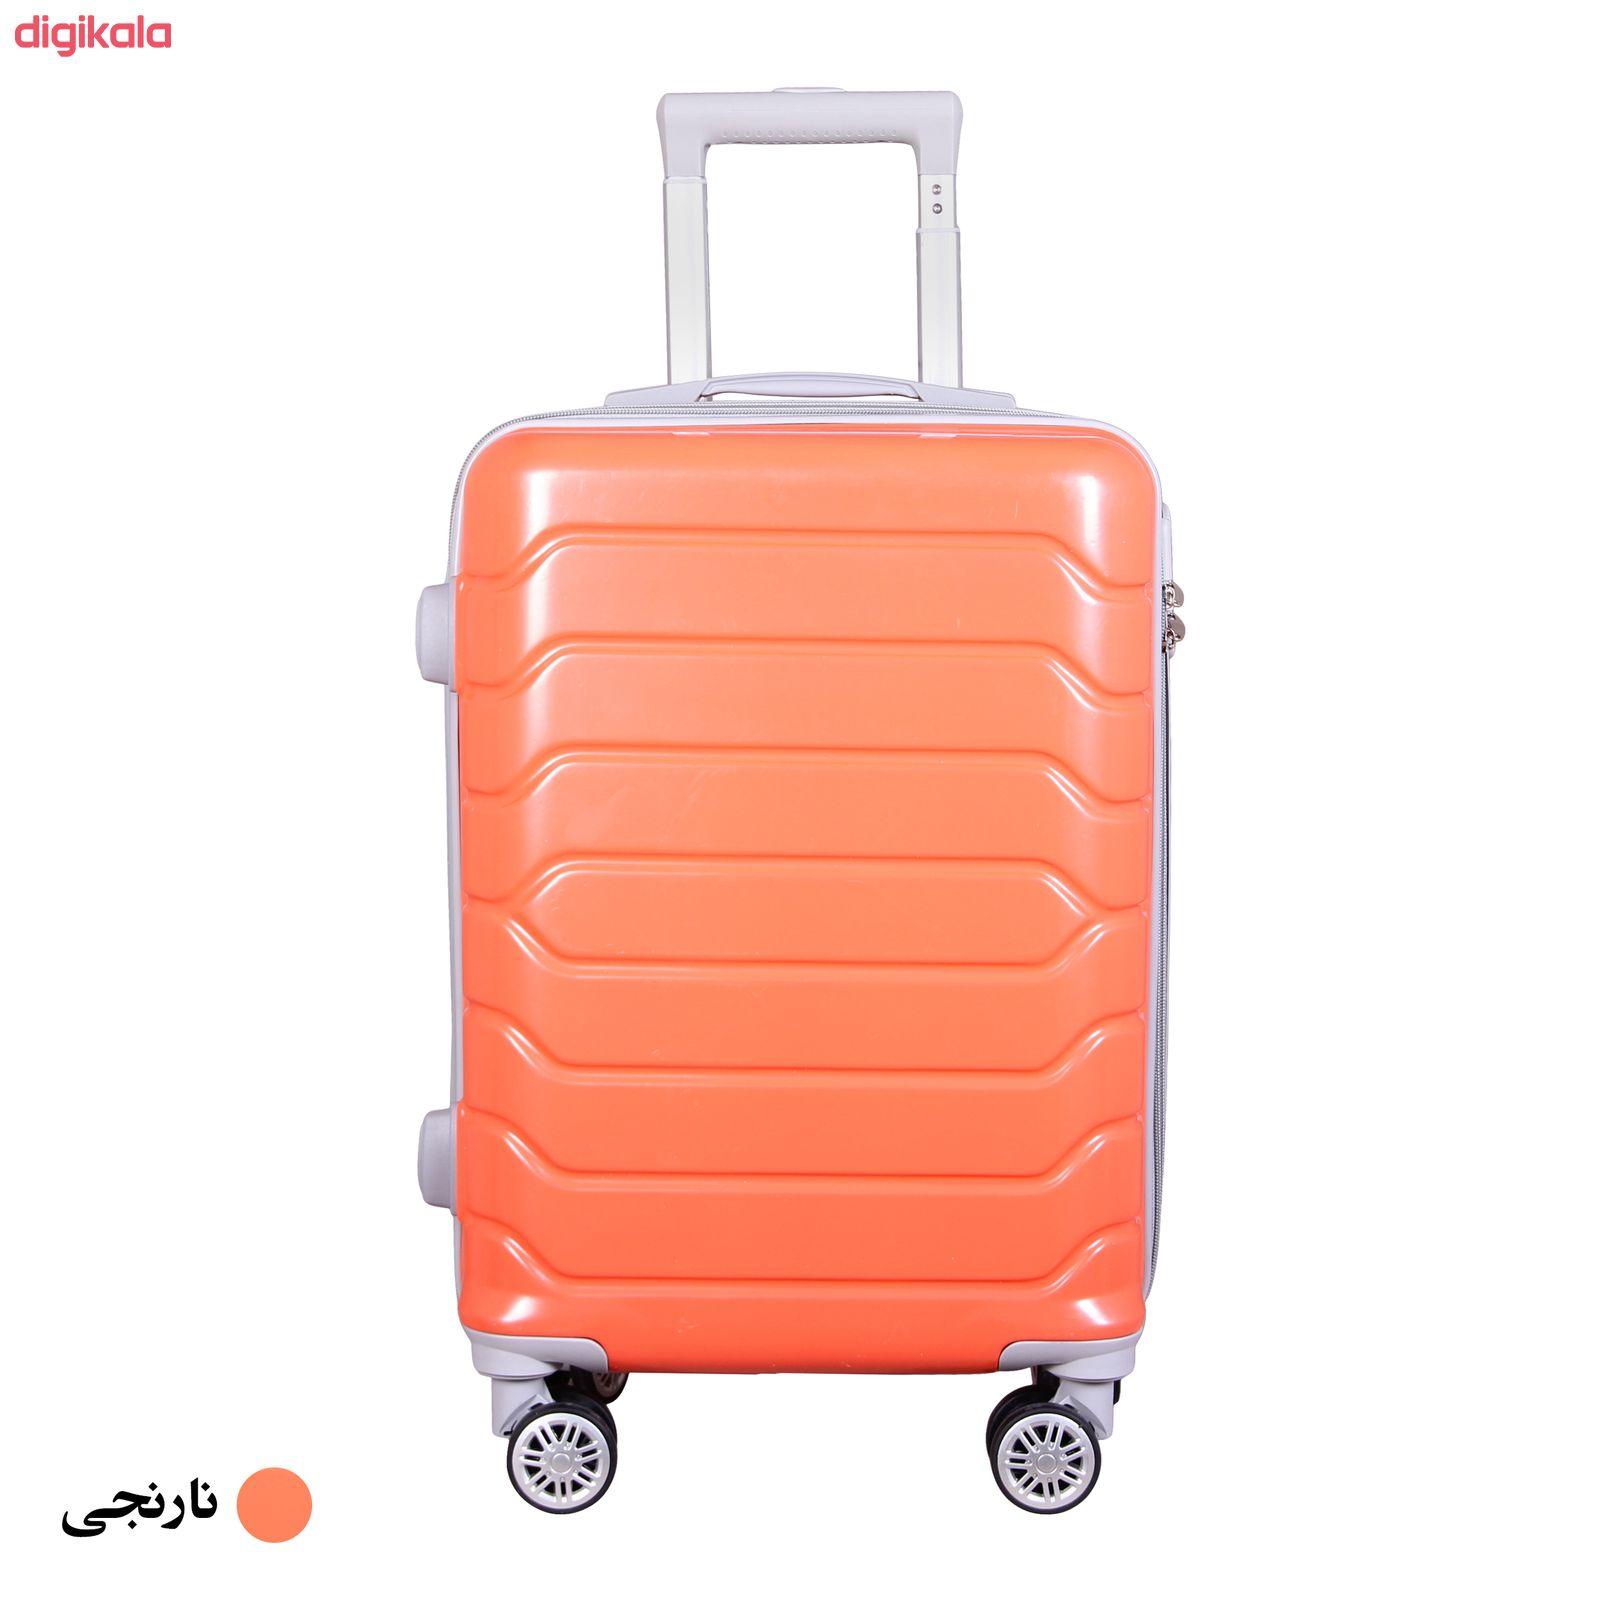 مجموعه سه عددی چمدان مدل 20020 main 1 20